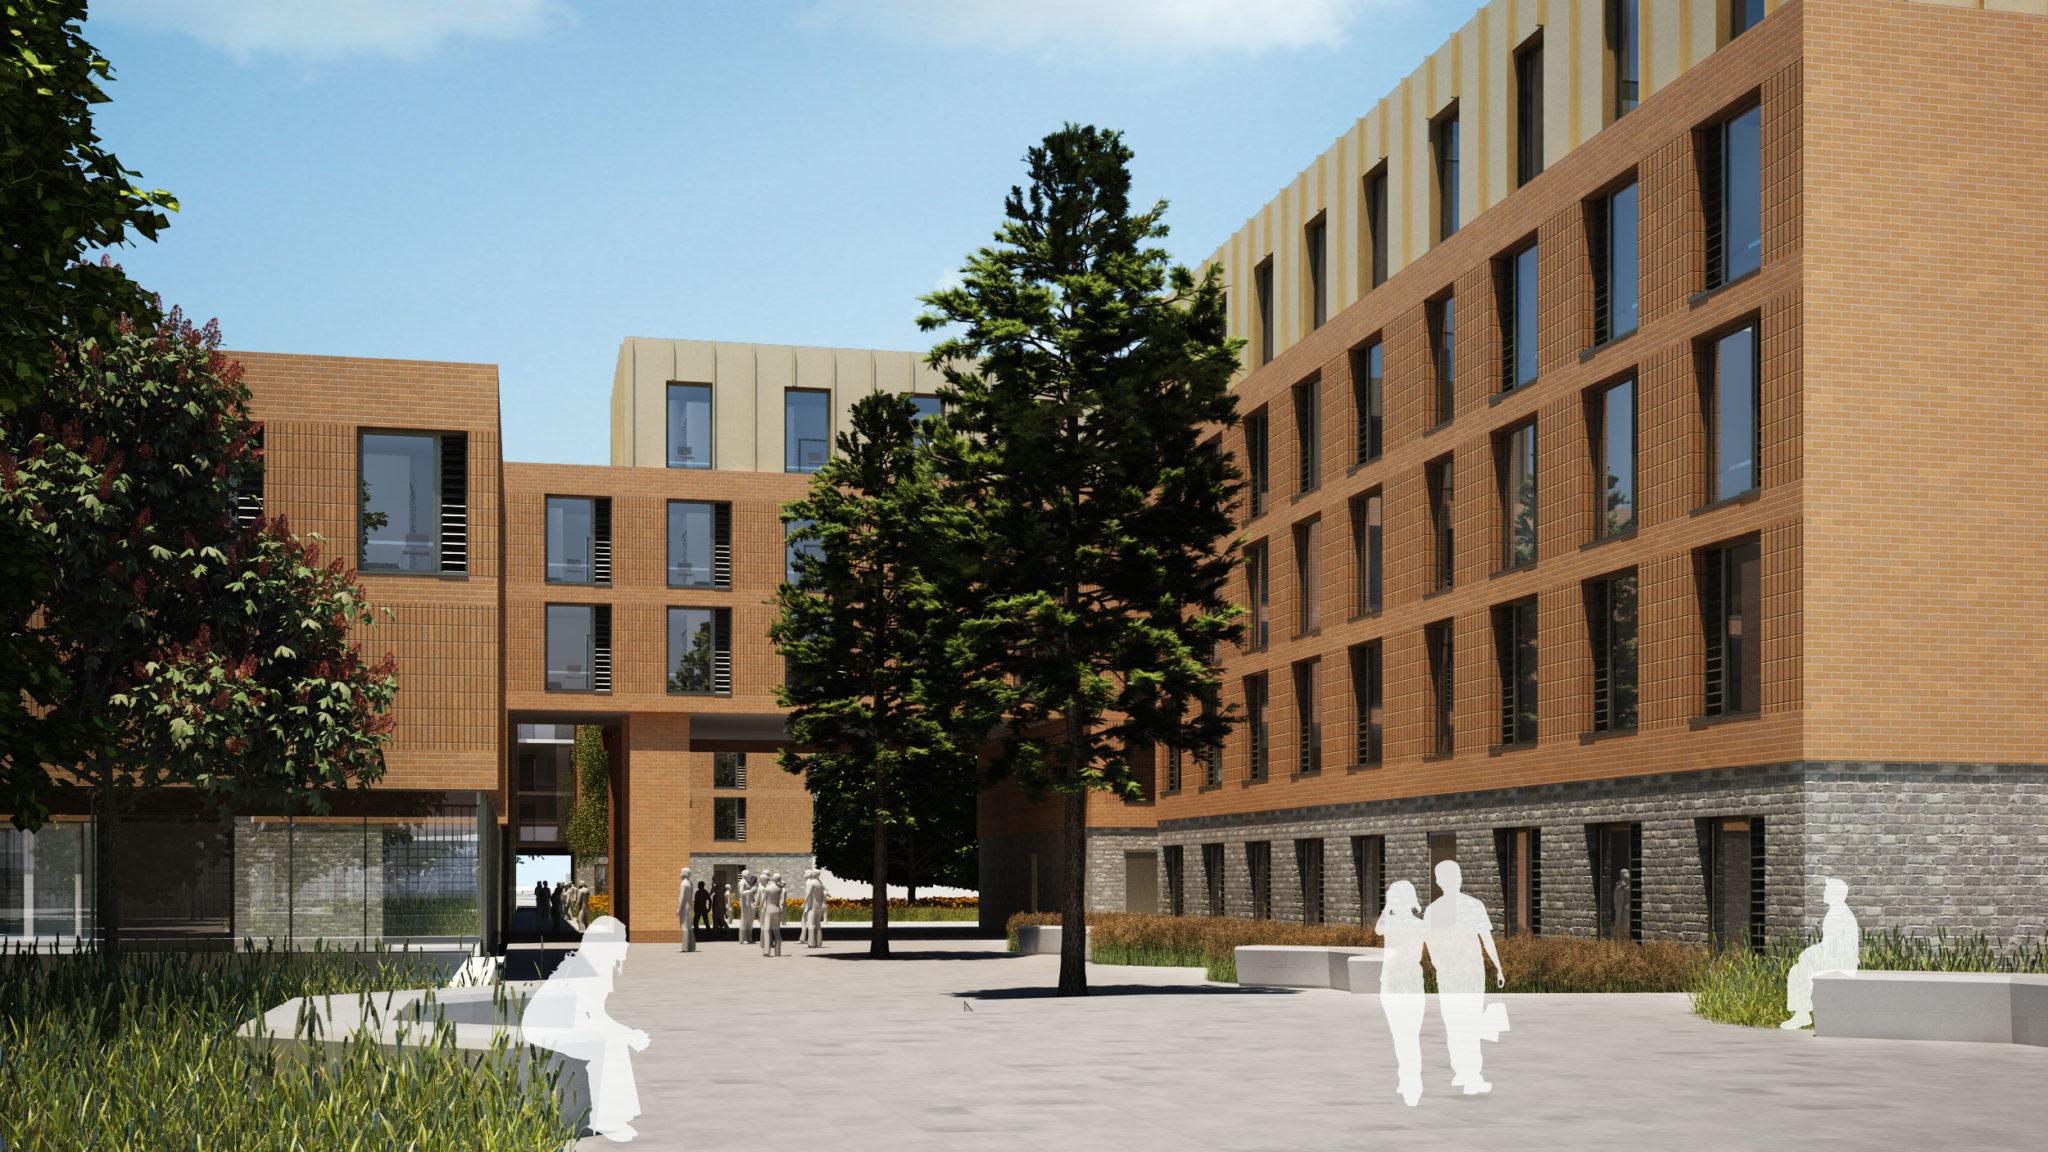 Stoke-on-Trent Student Residence